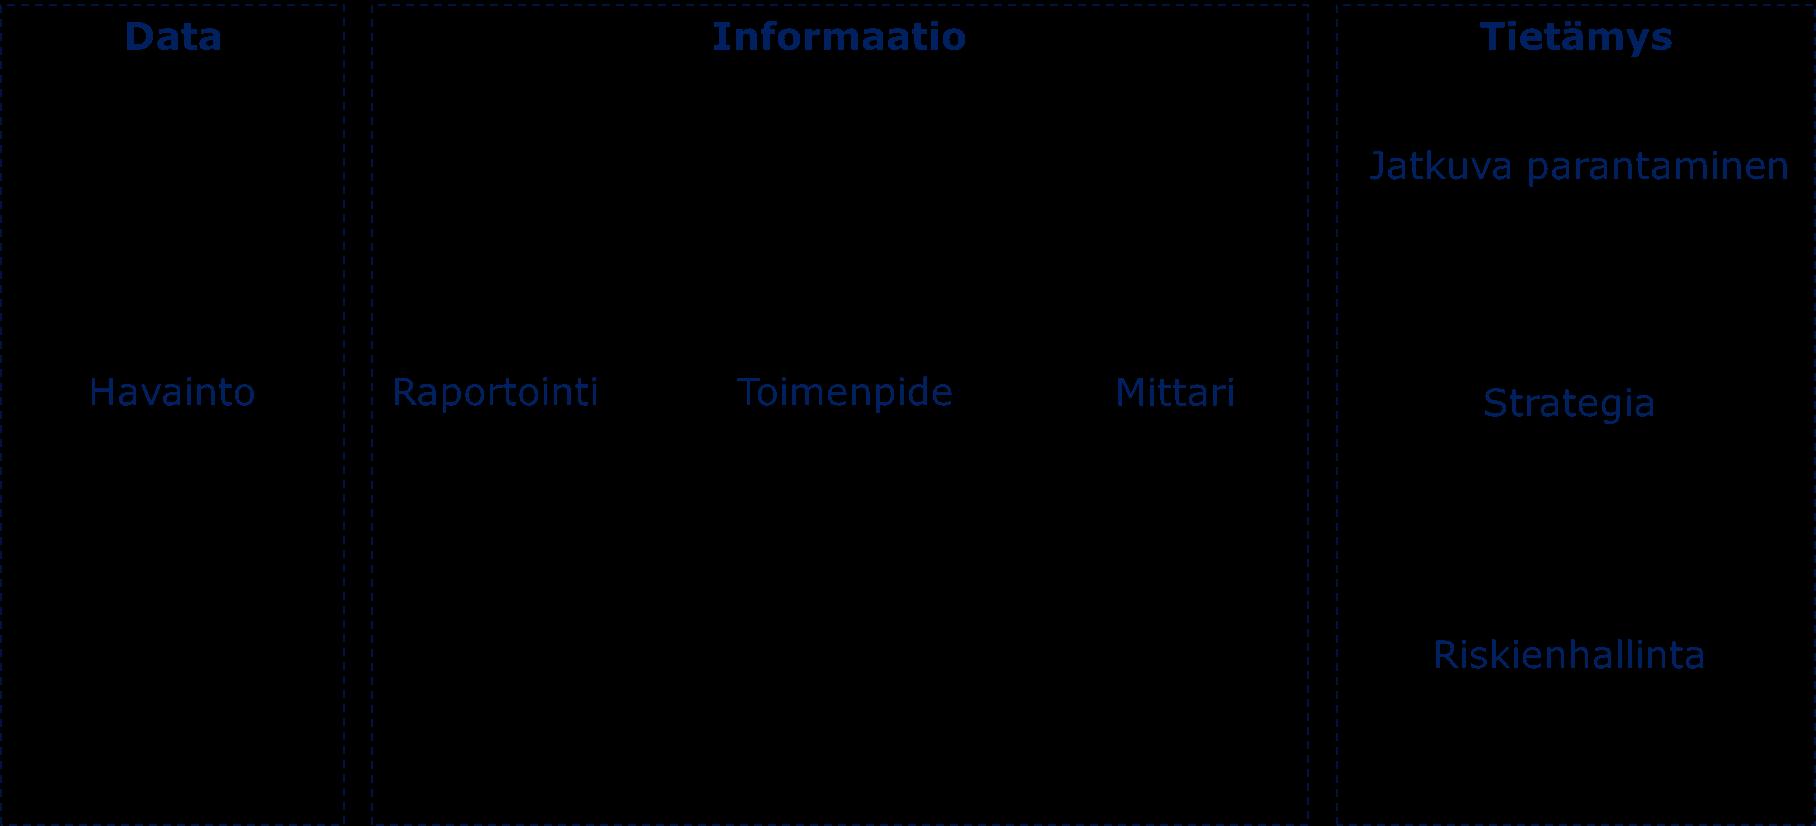 Organisaation tietämys perustuu yksittäisiin havaintoihin